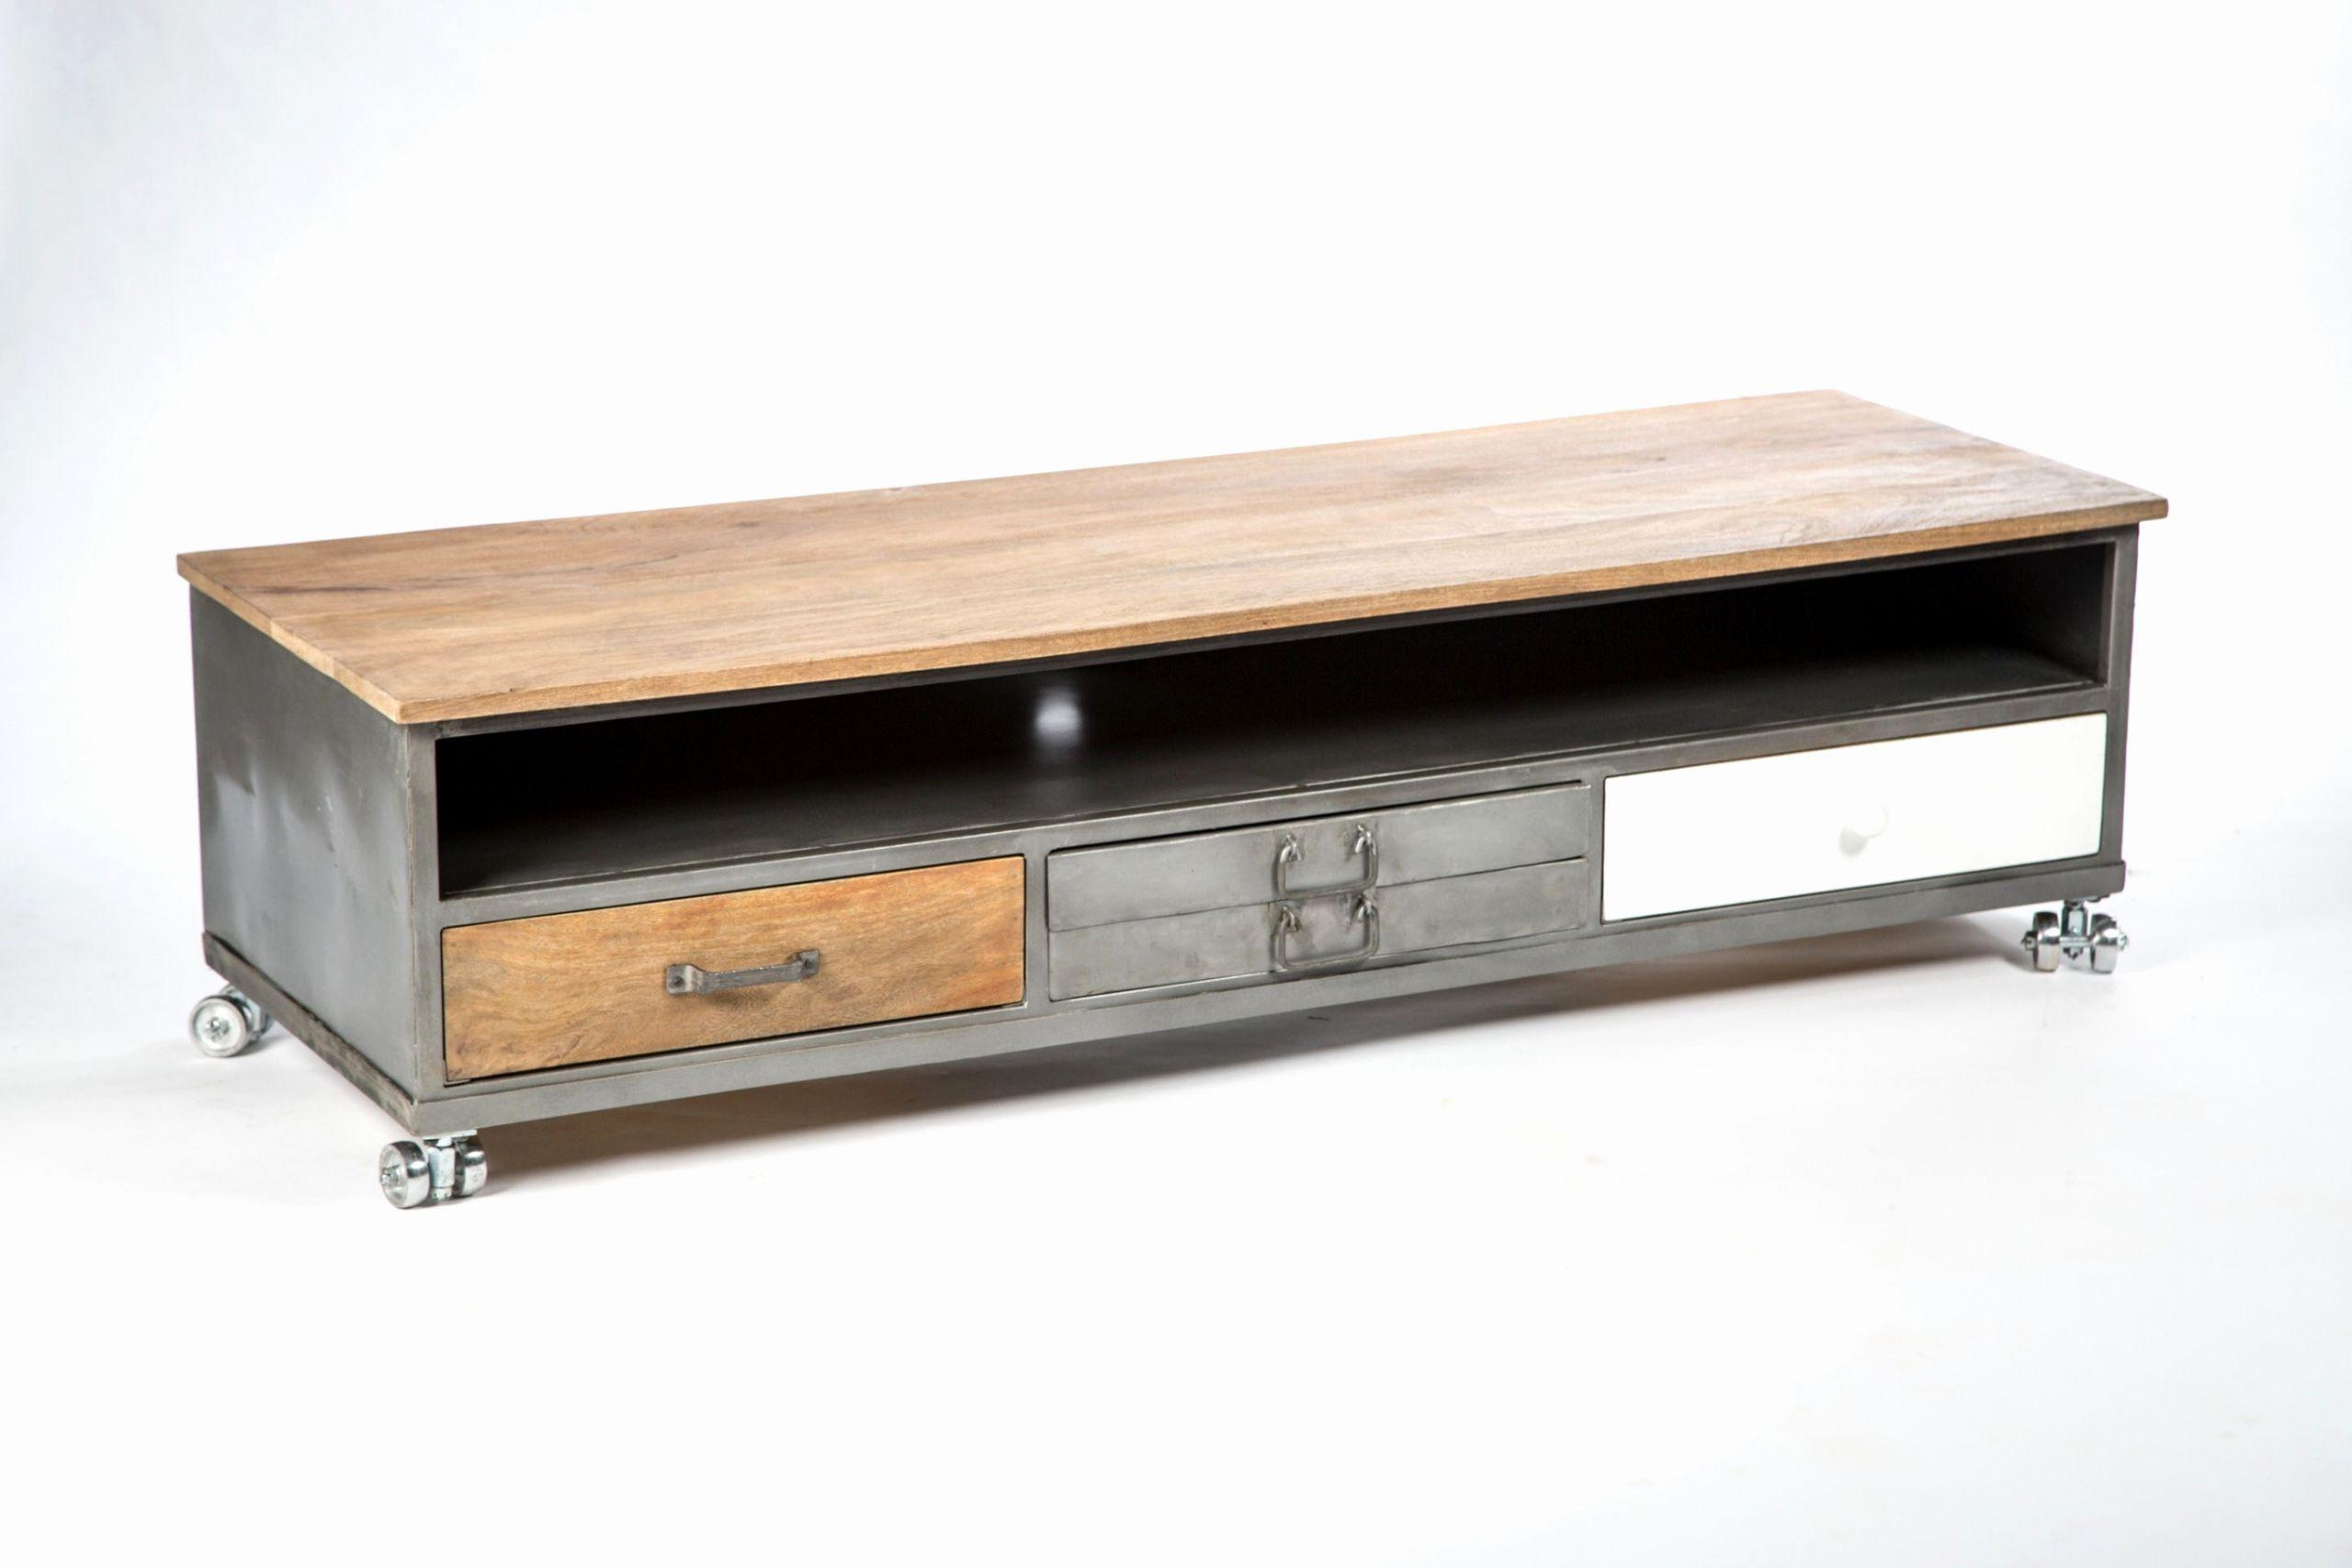 meuble tv angle bois meuble tv angle bois elegant meuble en fer design mobel ideen site of meuble tv angle bois